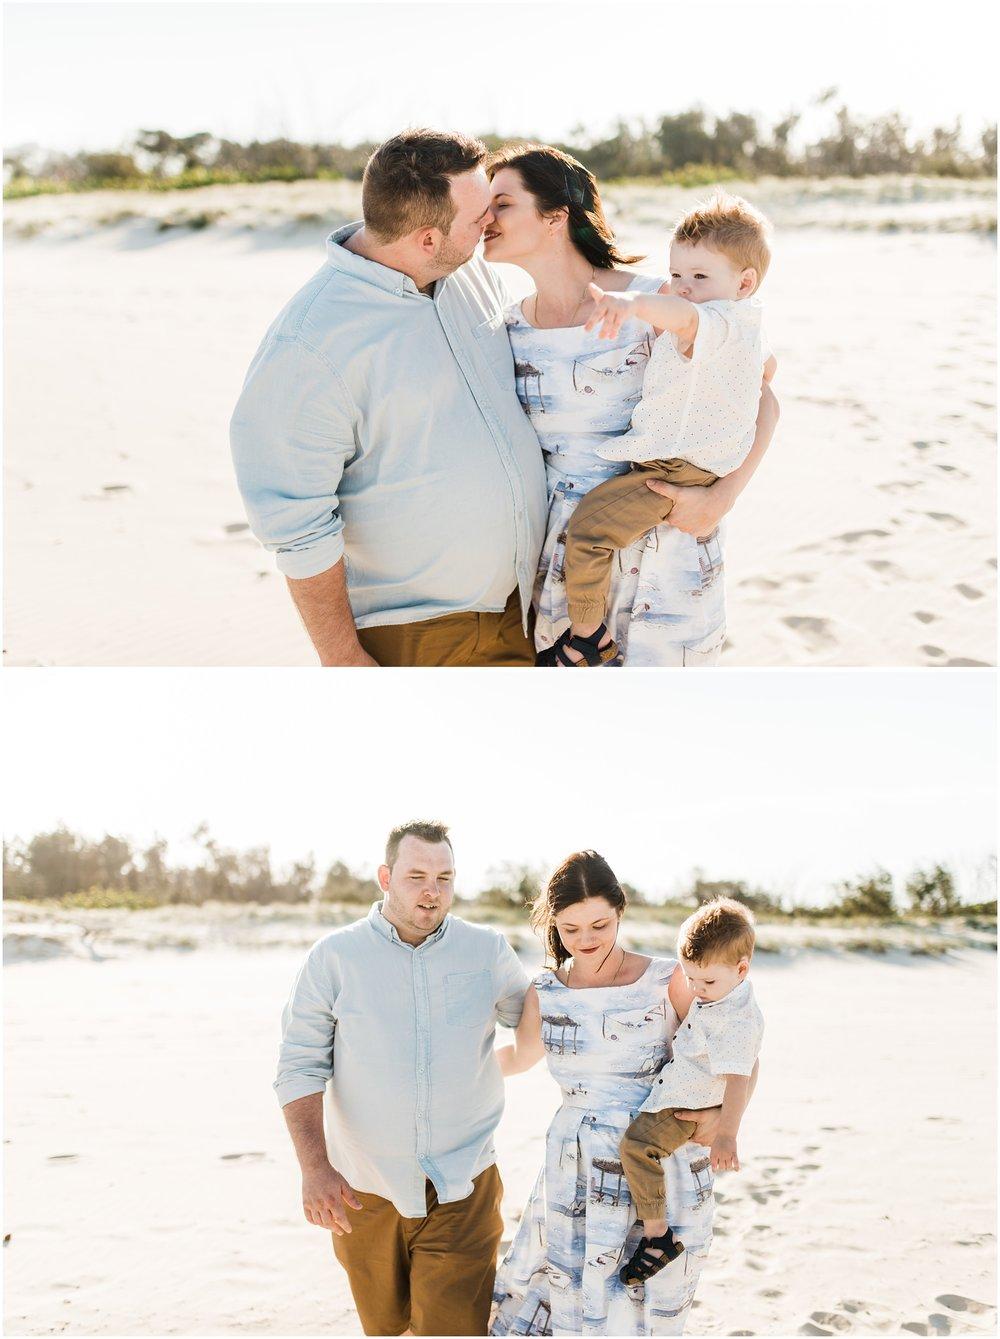 gold-coast-beach-family-photography26.jpg